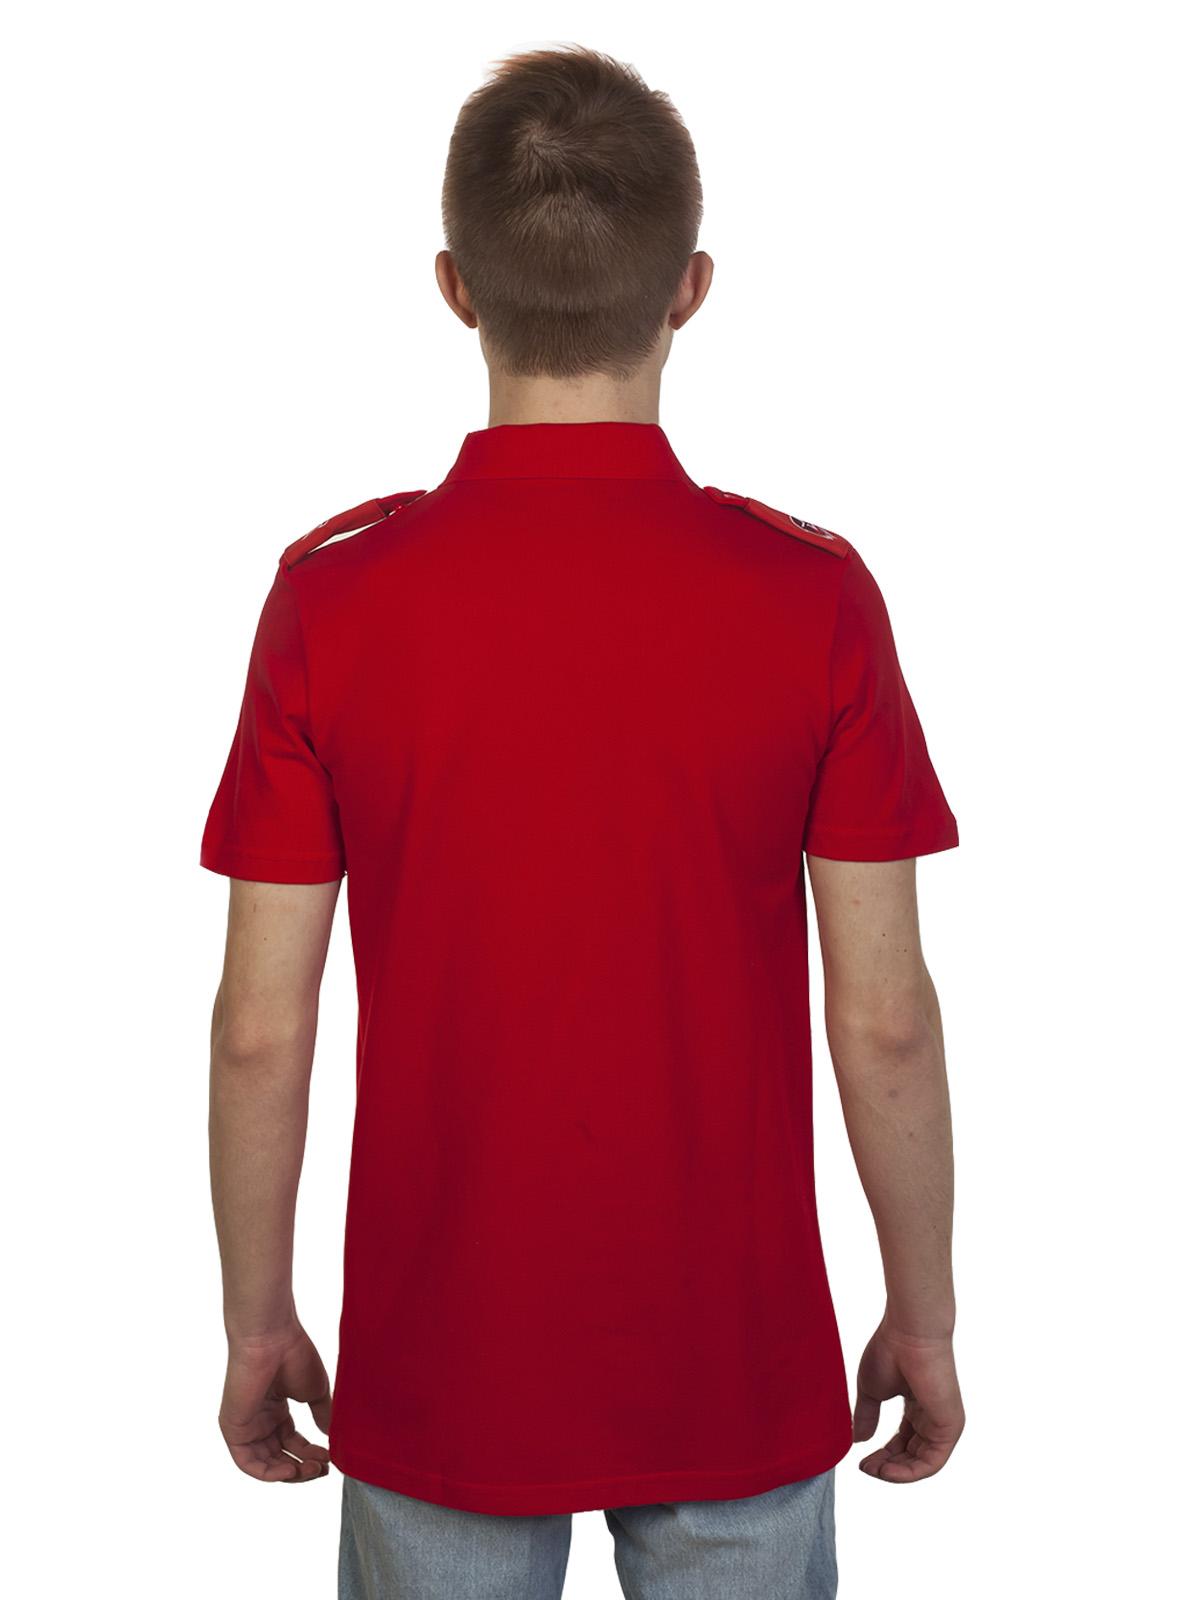 Уставная футболка поло с эмблемой Юнармии